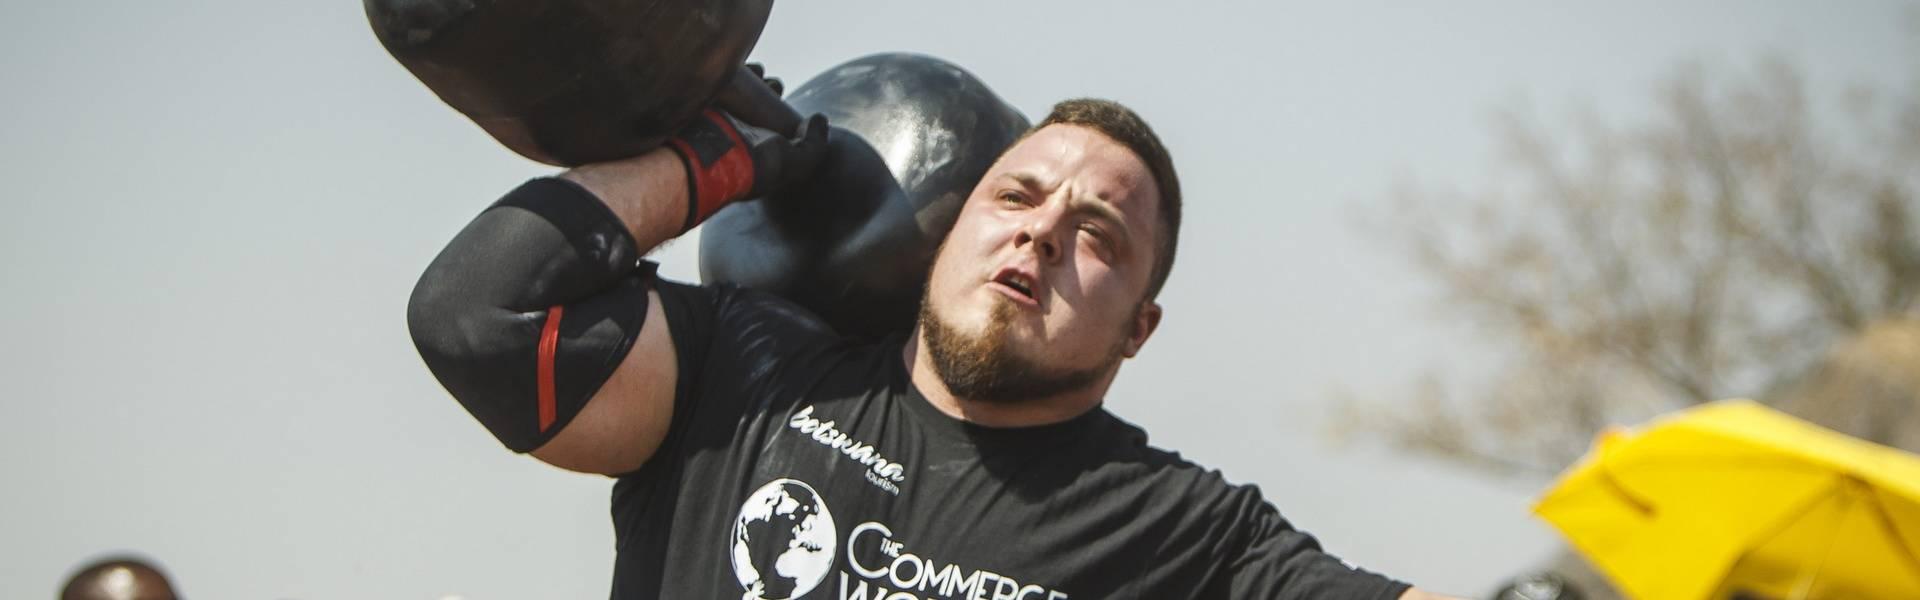 Belšak giant dumbell world record